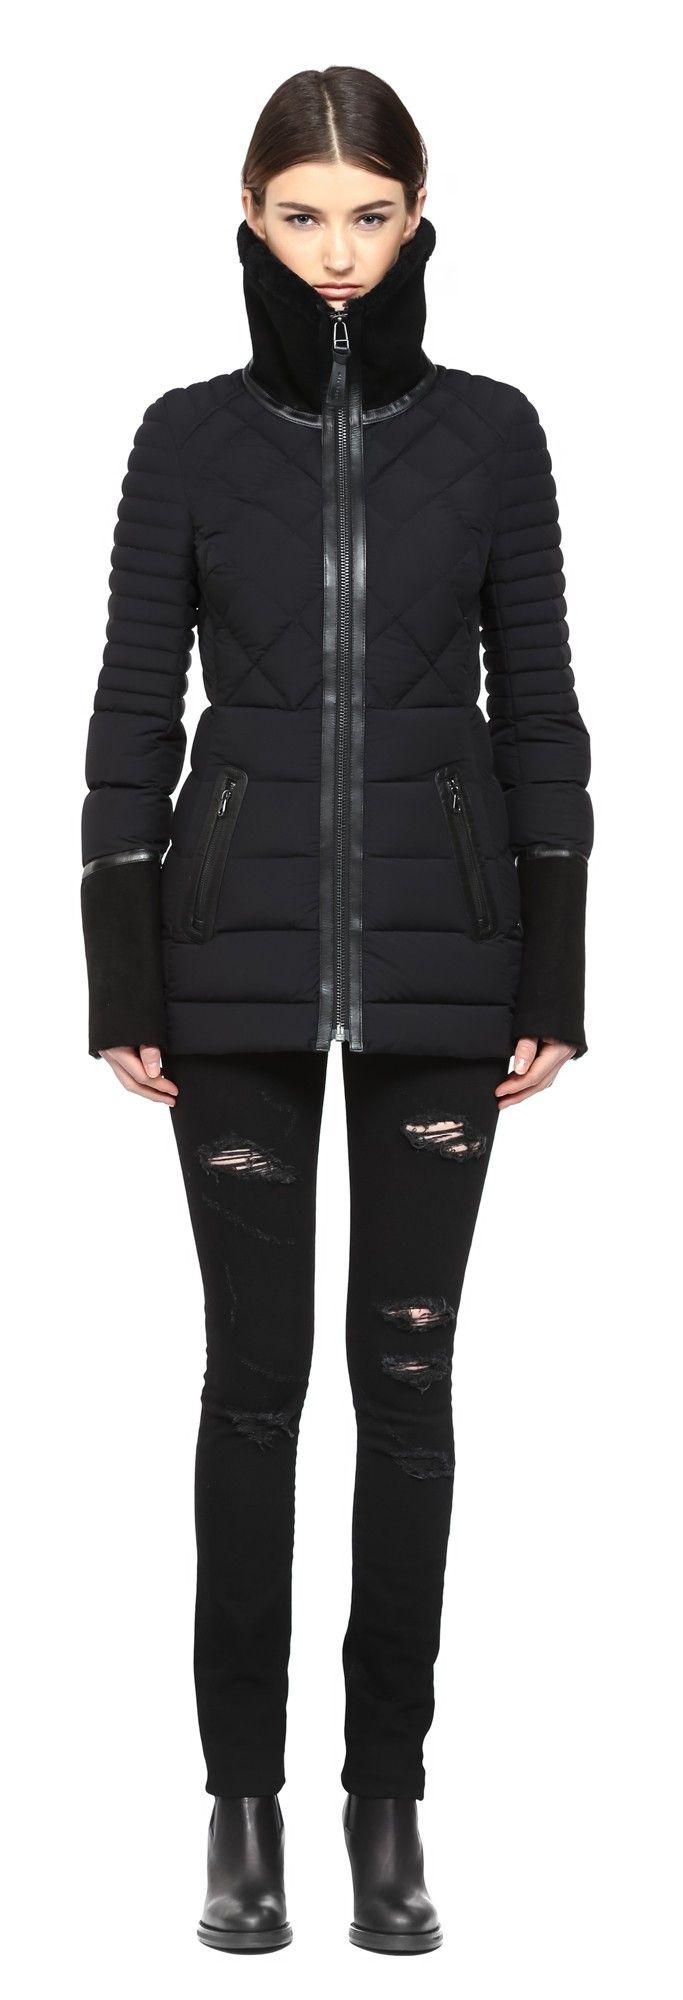 Mackage - Manteau en duvet léger Eloisa disponible en taille TTP - prix régulier 795,00$